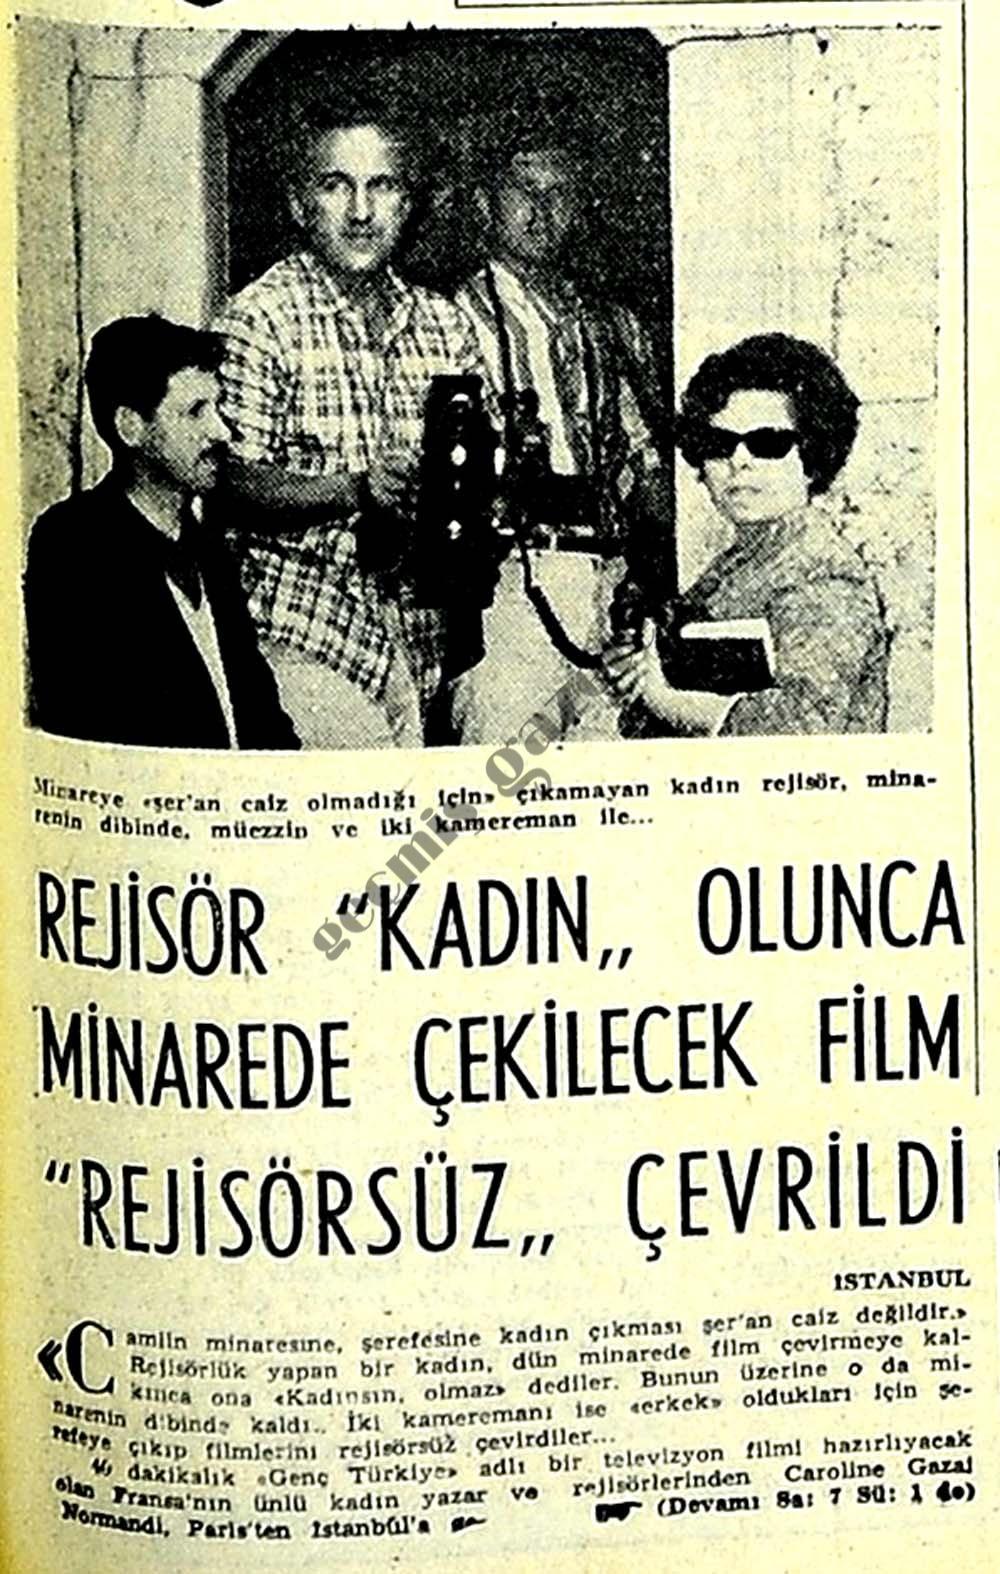 """Rejisör """"Kadın"""" olunca minarede çekilecek film """"Rejisörsüz"""" çevrildi"""